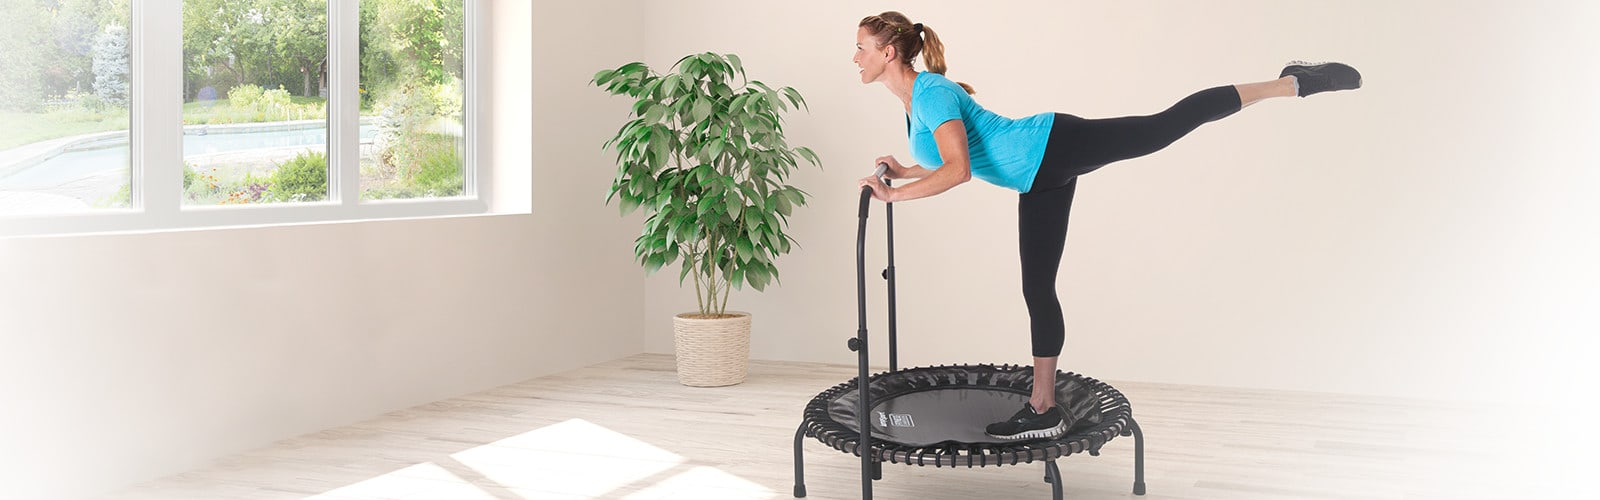 Balance Exercises For Seniors Jumpsport Fitness